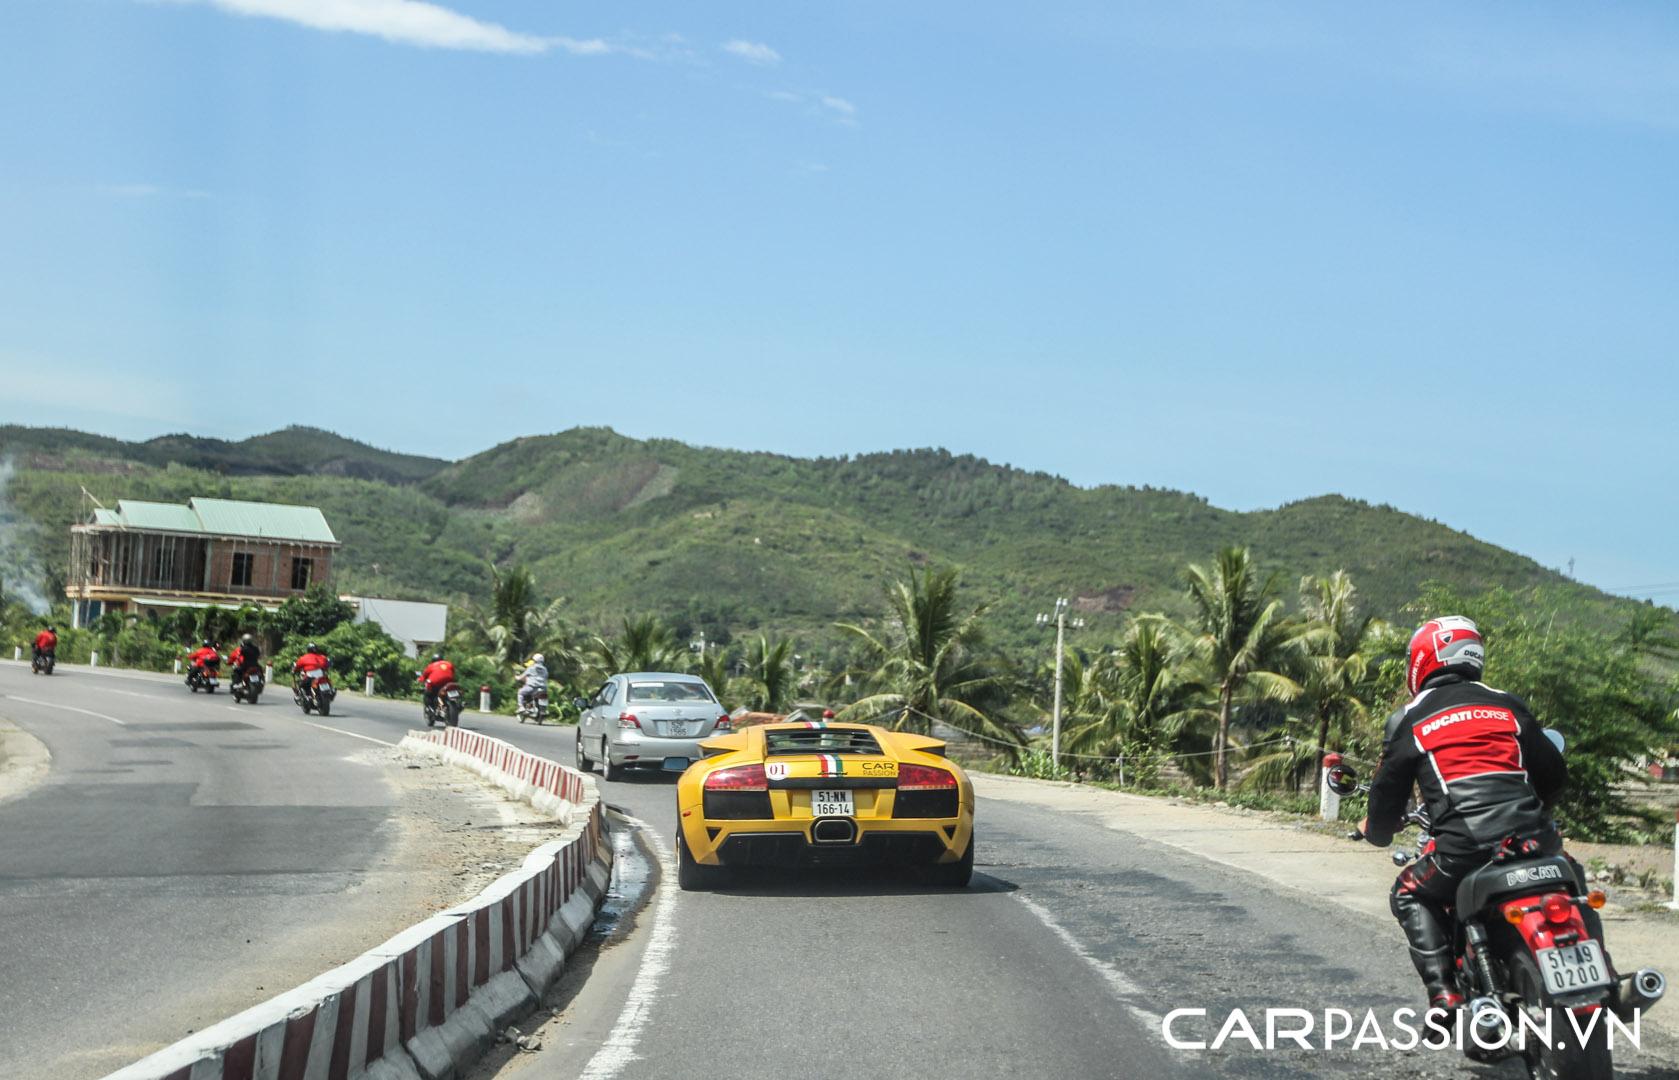 CP-Hành trình siêu xe CarPassion 2011 Day 3 (279).jpg